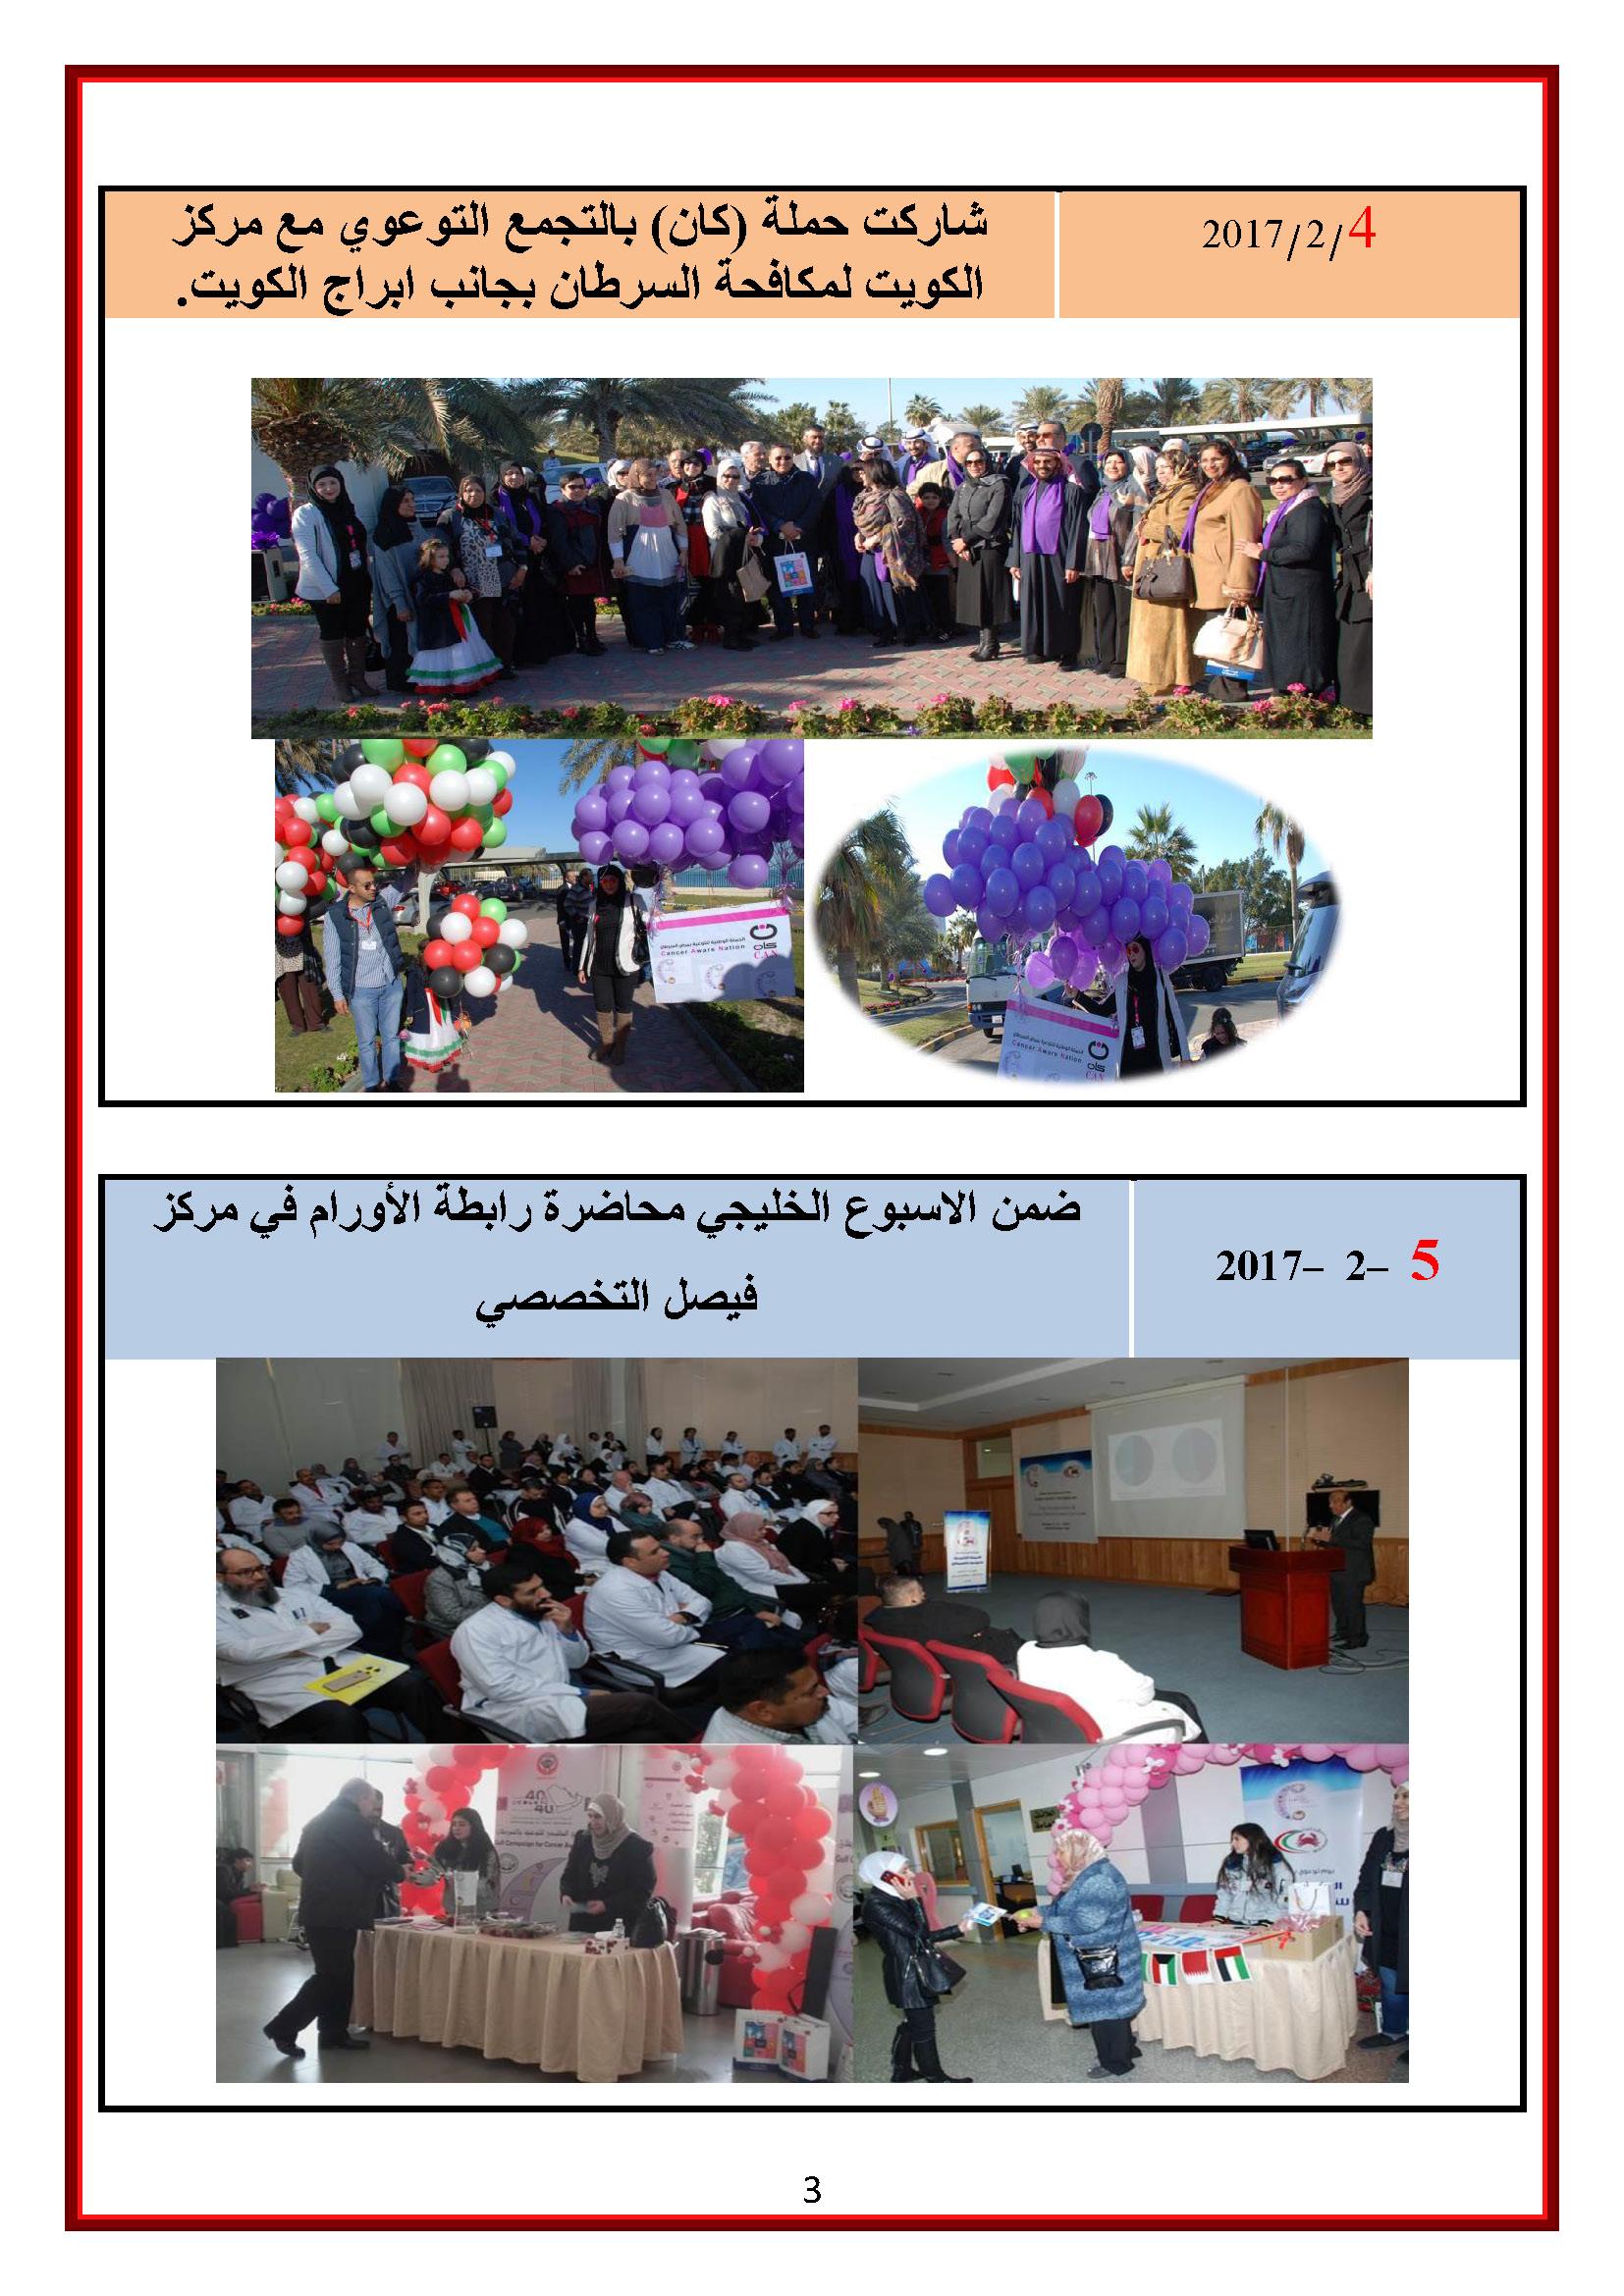 تقرير - نشطات الاسبوع الخليجي 2017 من  2-6 Page 3